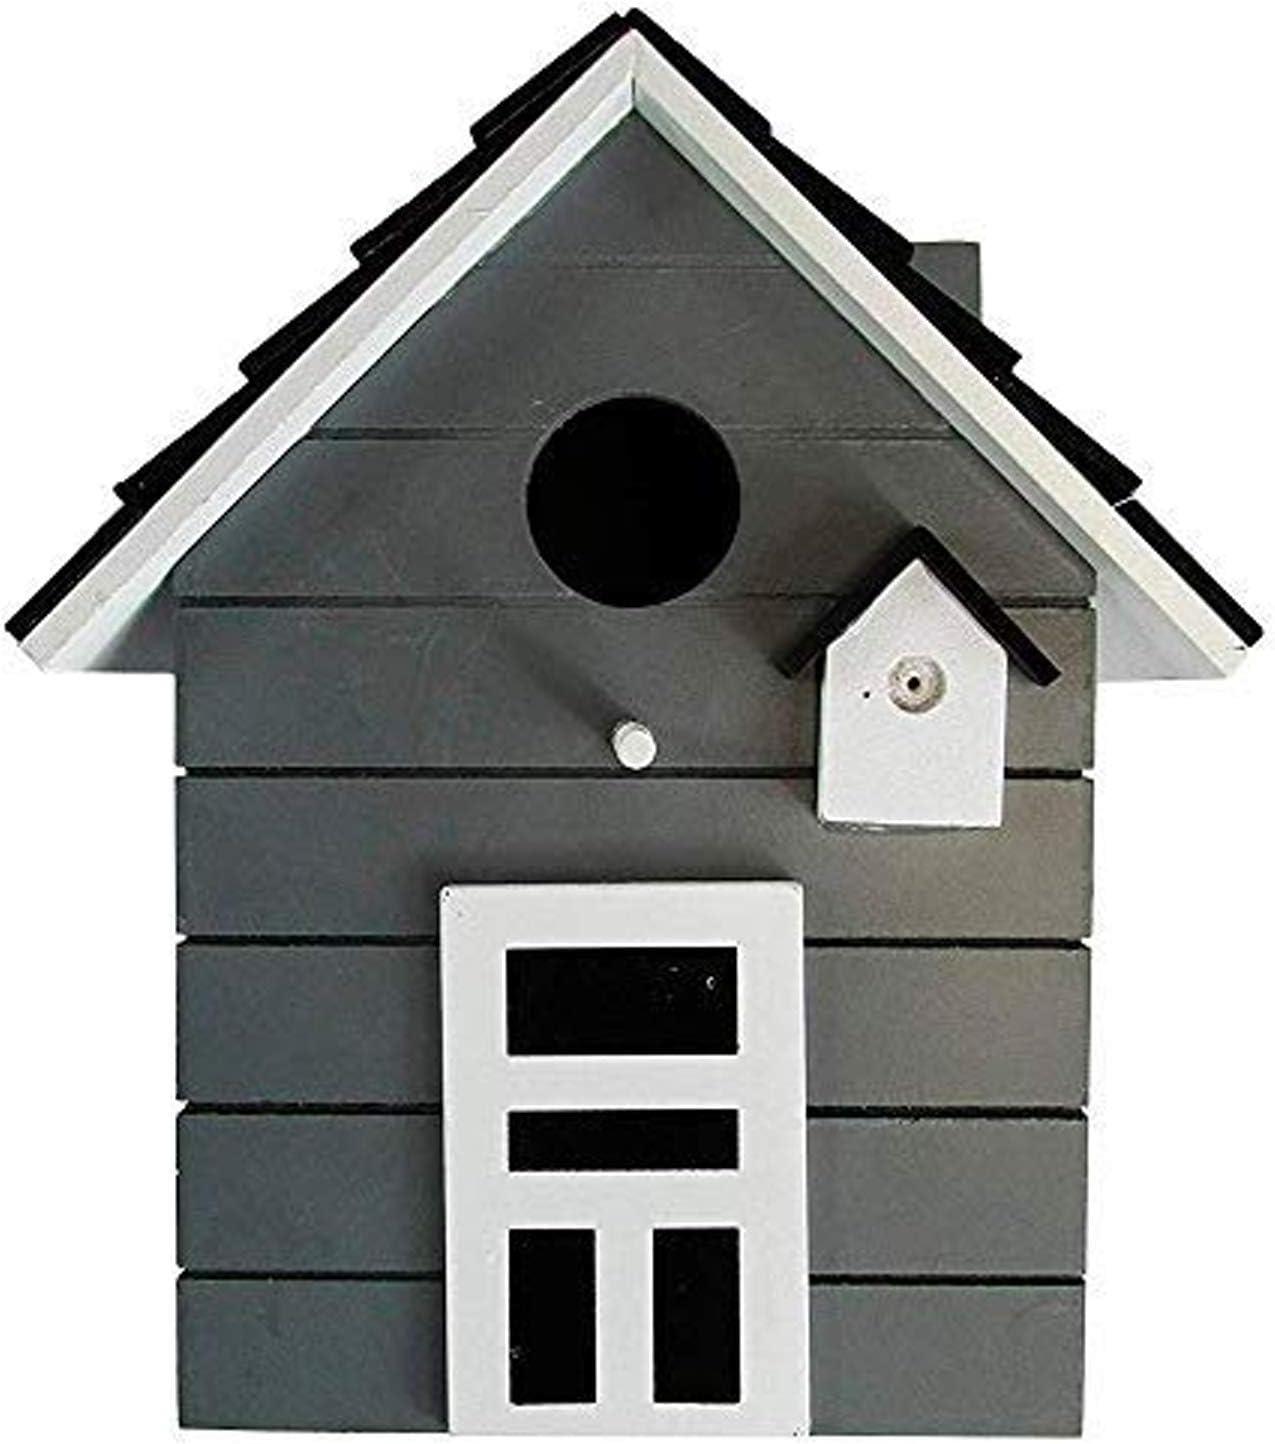 CasaJame Hogar Accesorios Decoración Jardín Casa para Pájaros Gris 17x12x20cm